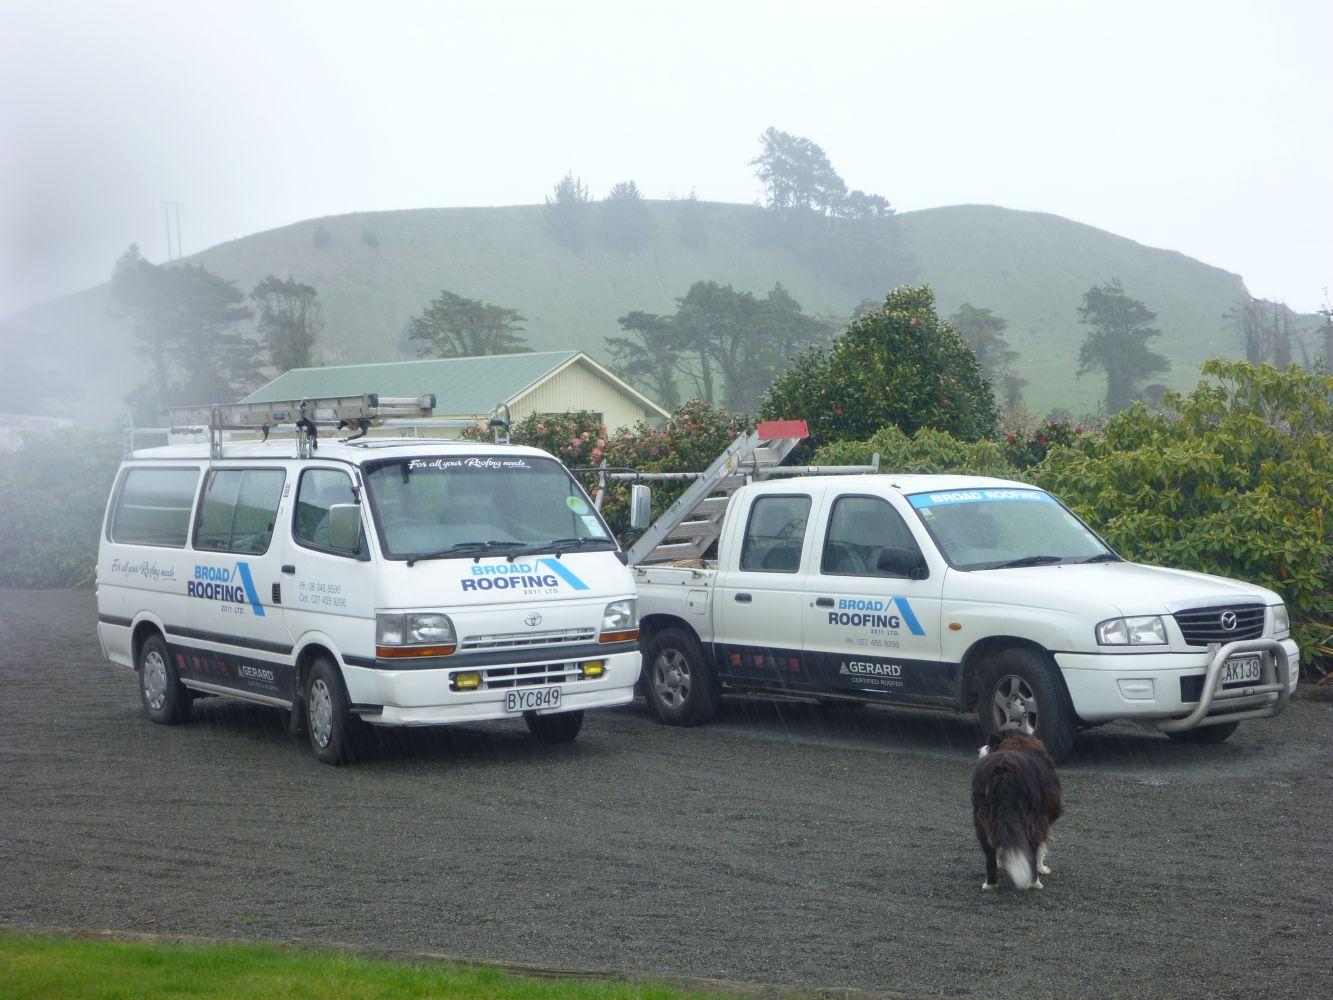 Broad Roofing (2011) Ltd's vans